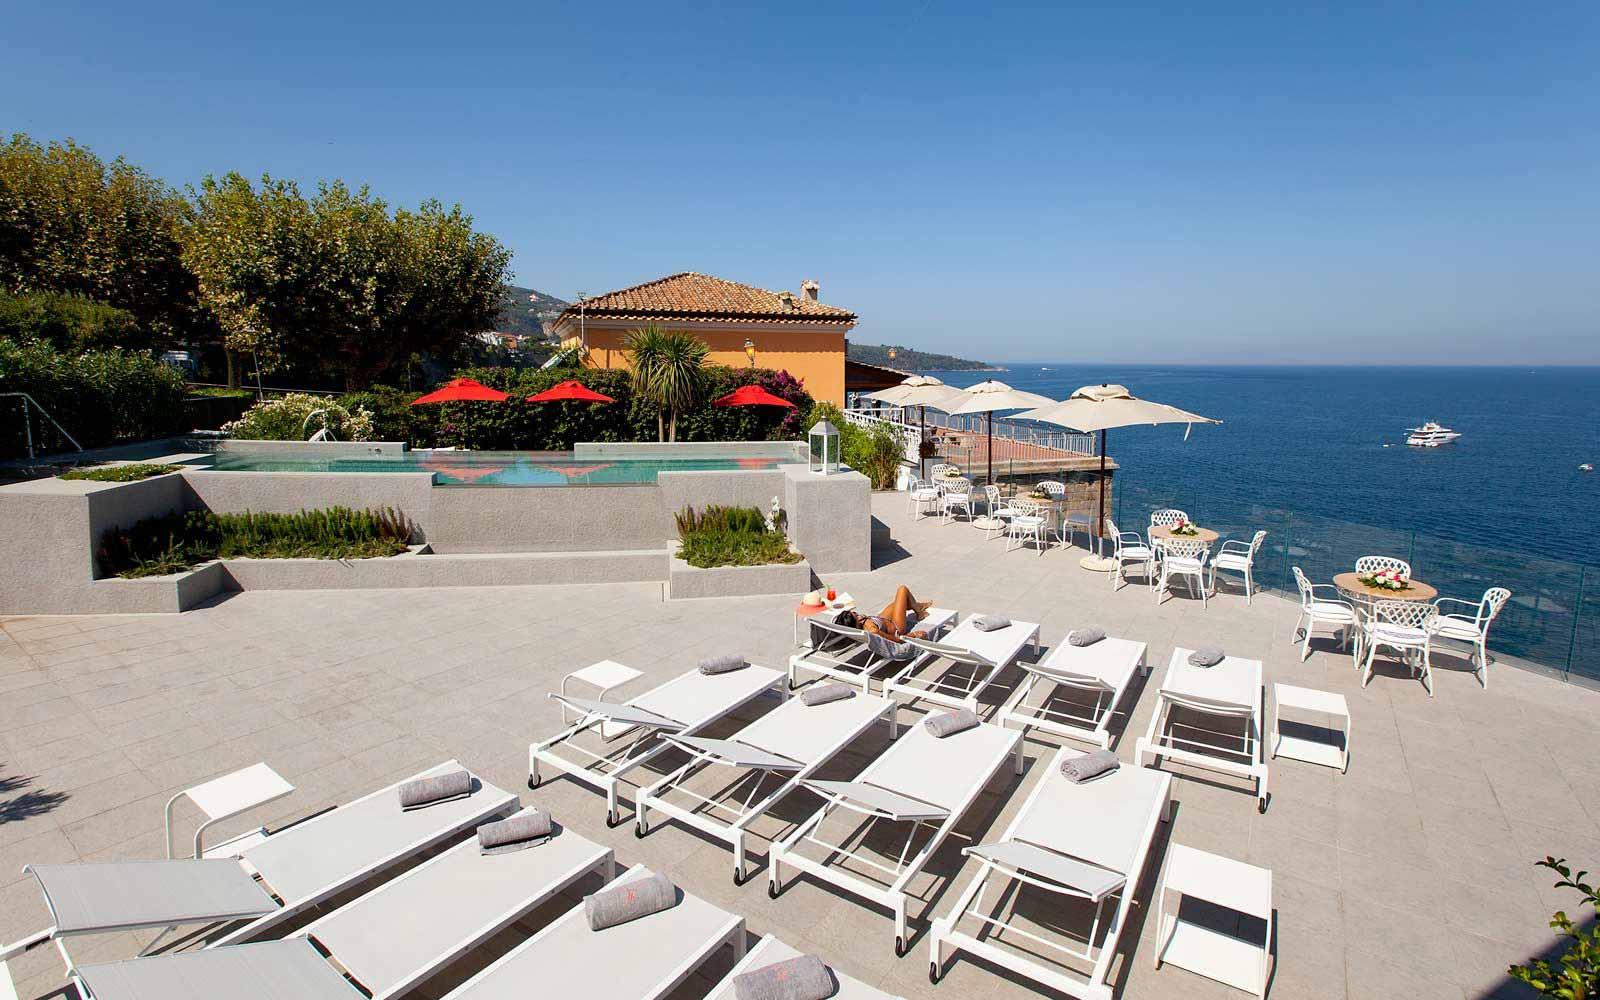 Solarium at Hotel Corallo